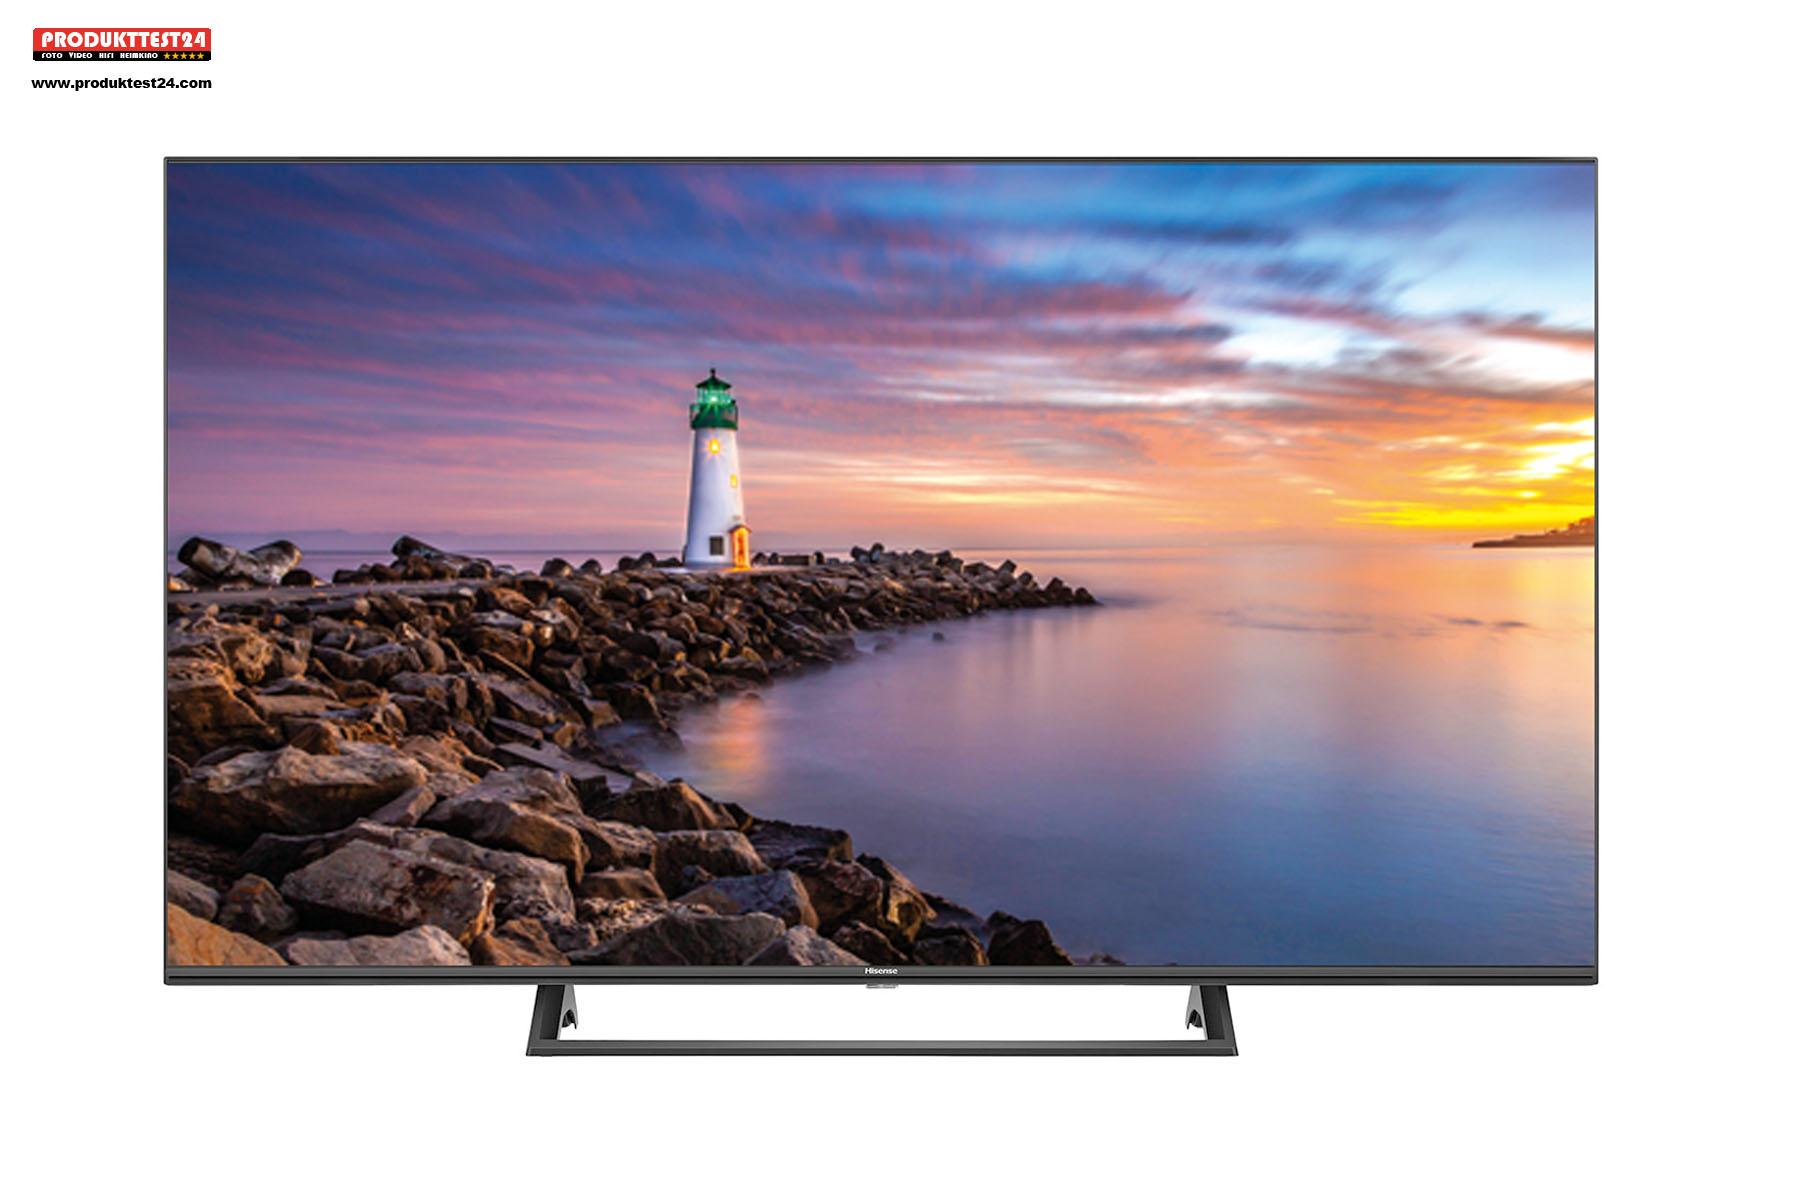 Der günstige 55 Zoll 4K-Fernseher von Hisense kann HDR10+